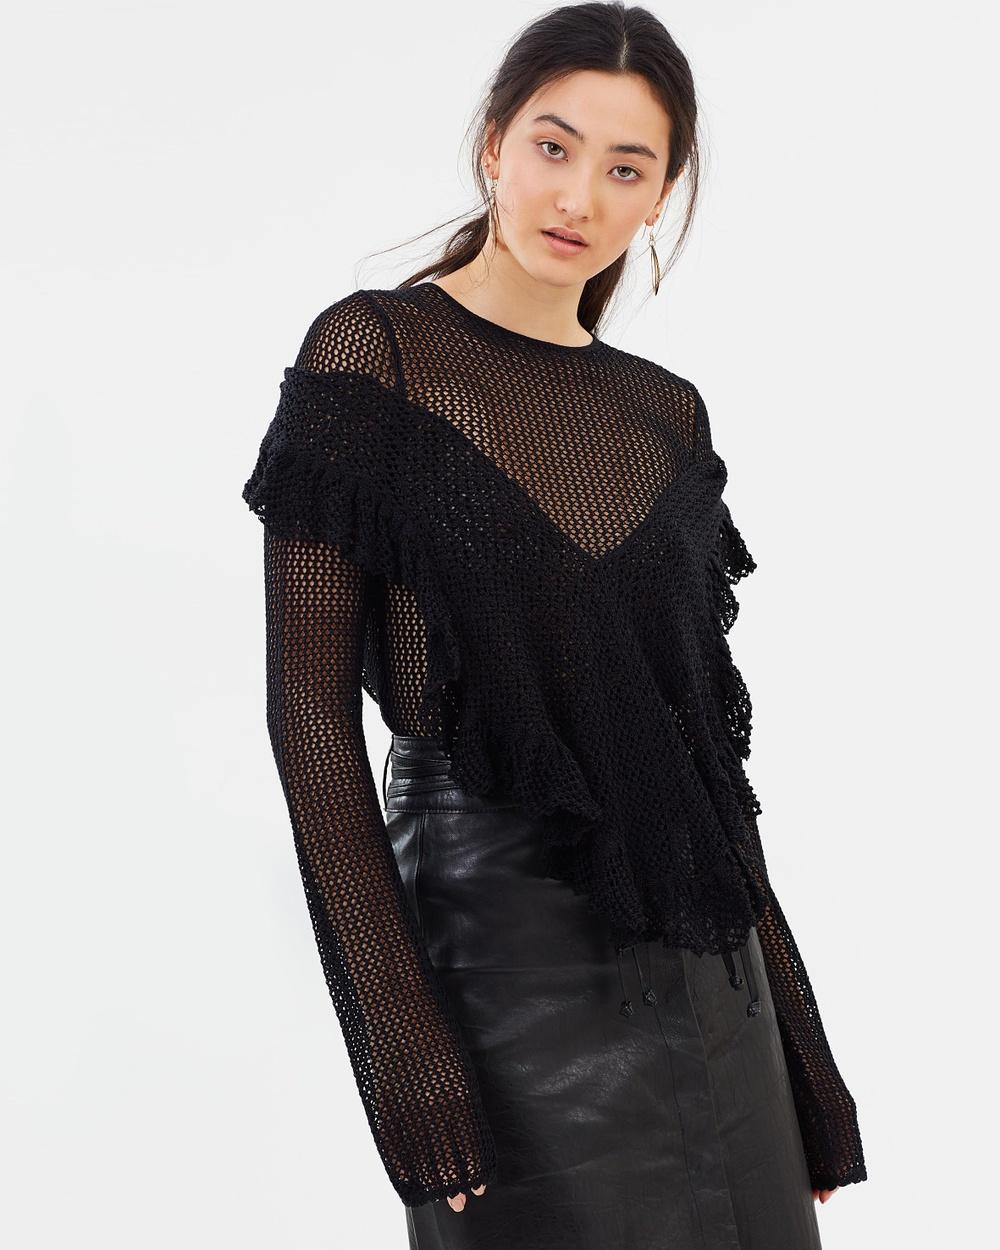 KITX Crochet Top Tops Black Crochet Top